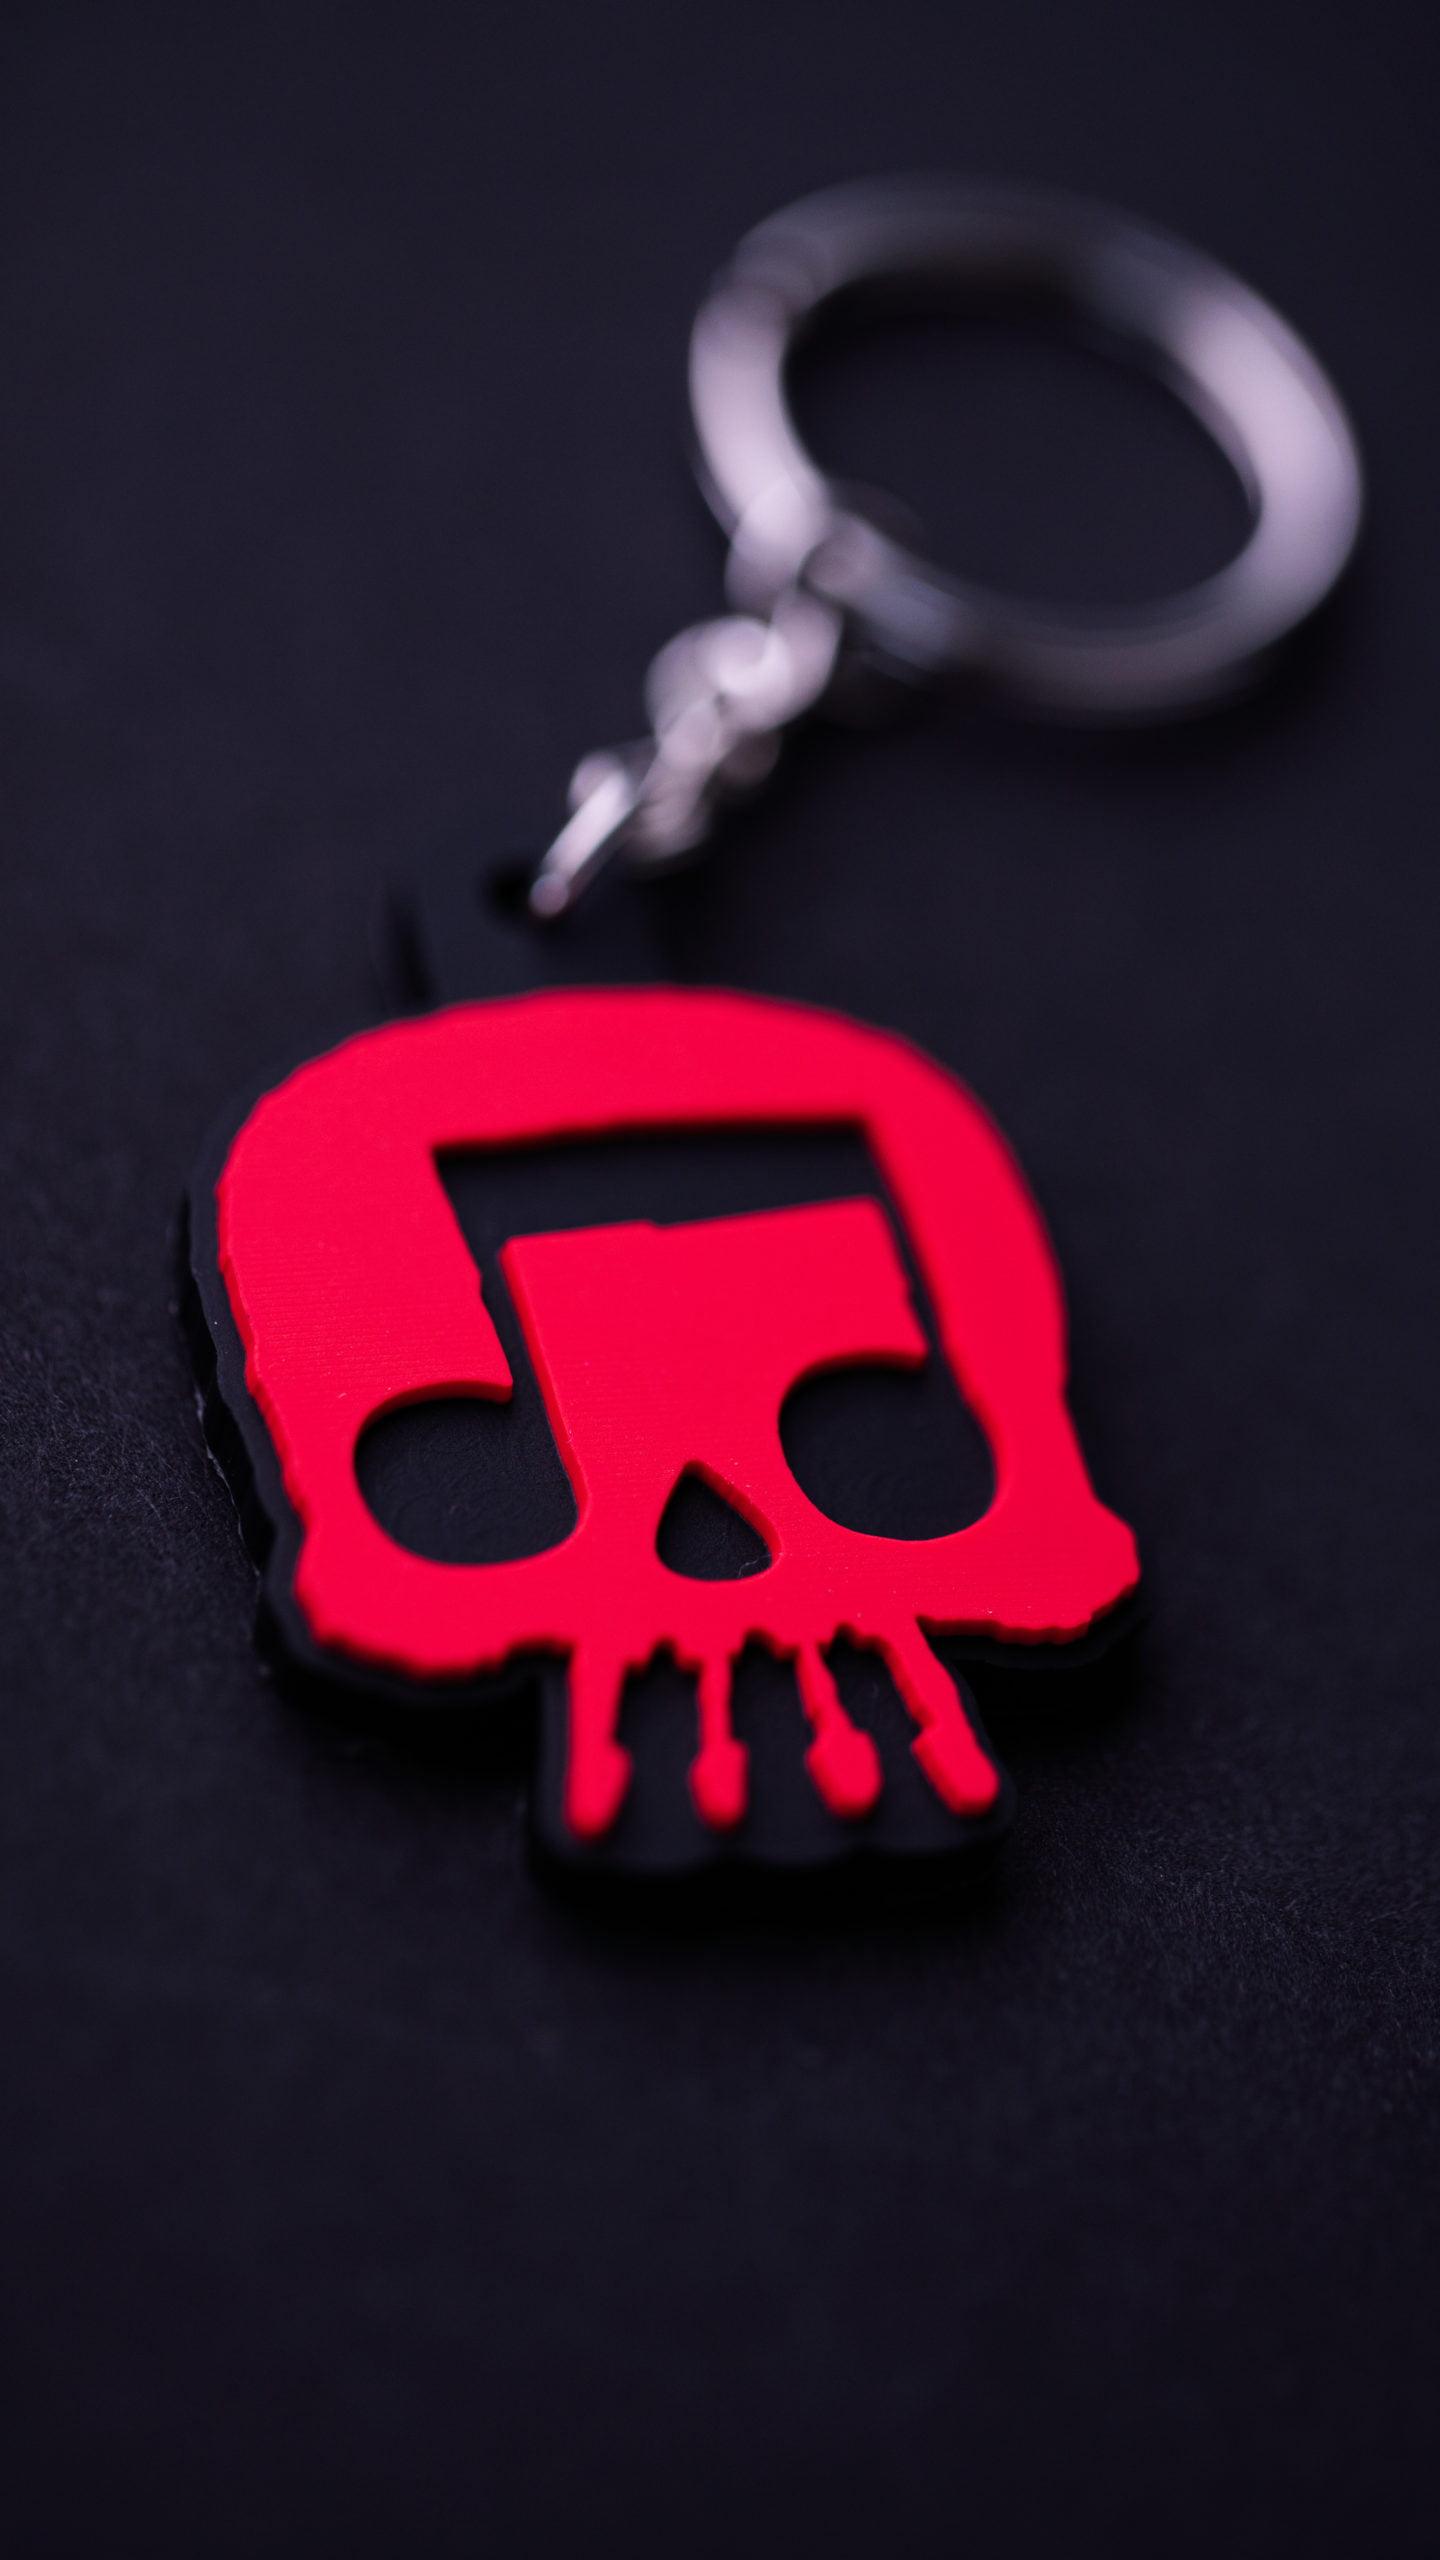 JT Music Keychain